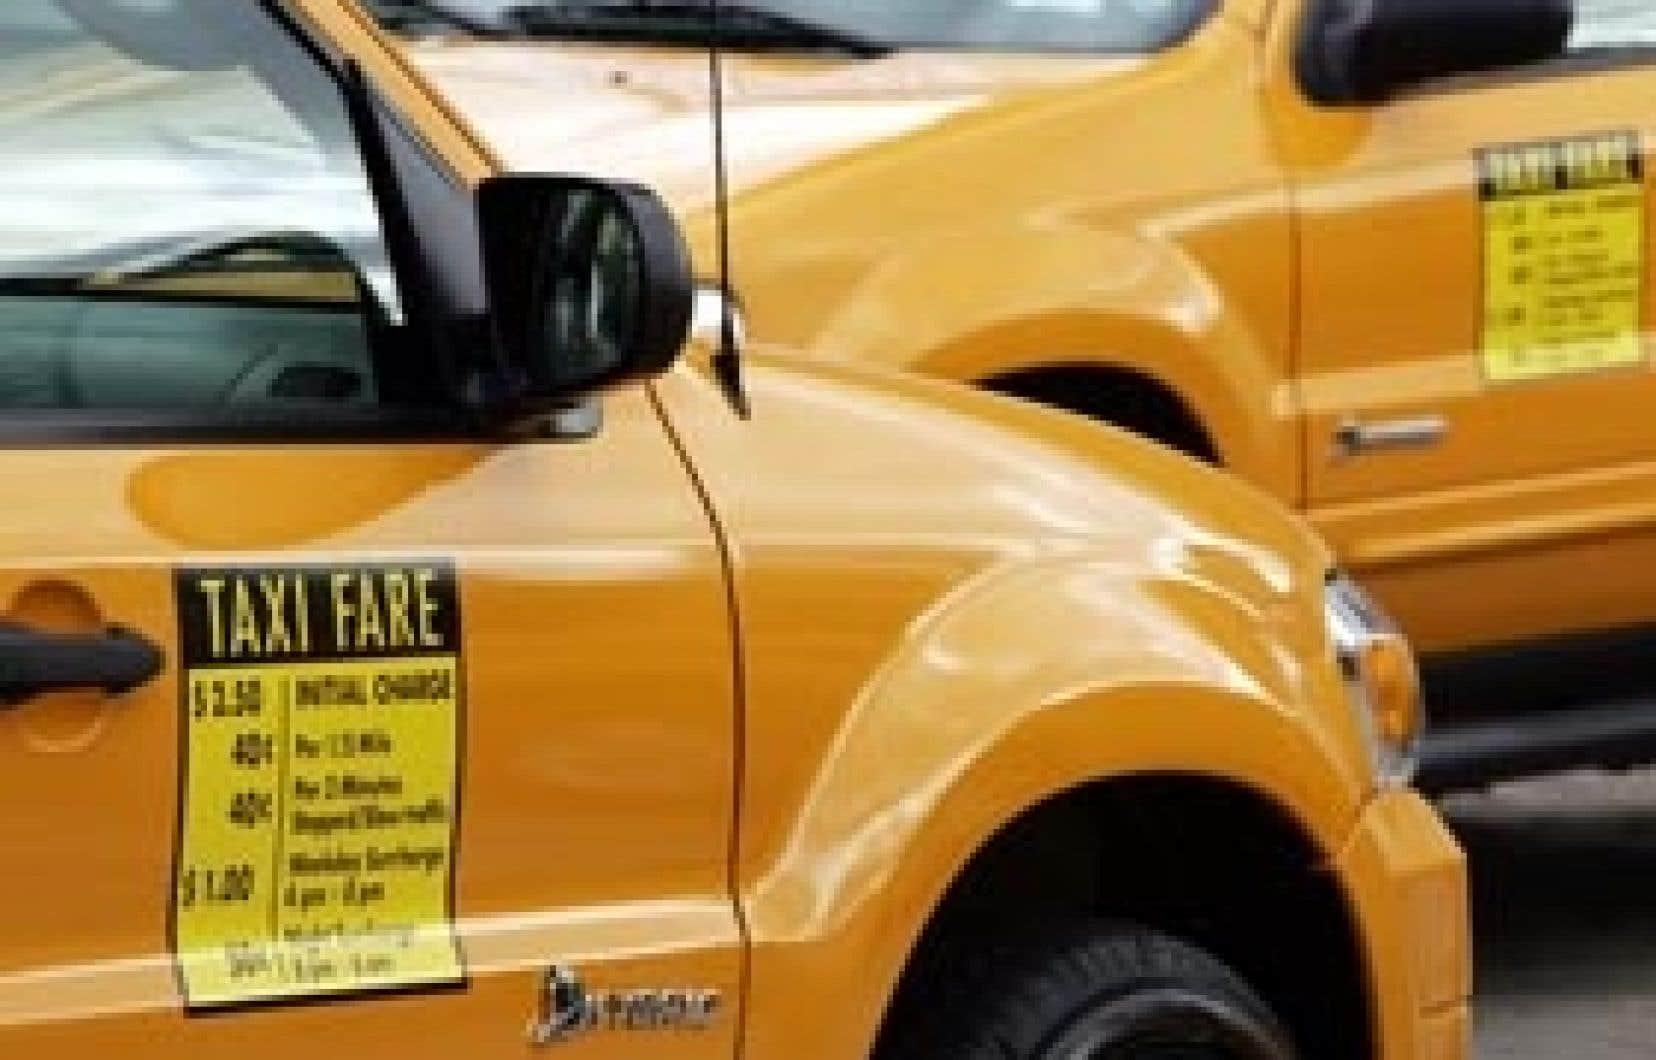 Les chauffeurs de taxi de Montréal rouleront-ils bientôt en hybride, à l'instar de leurs collègues new-yorkais?